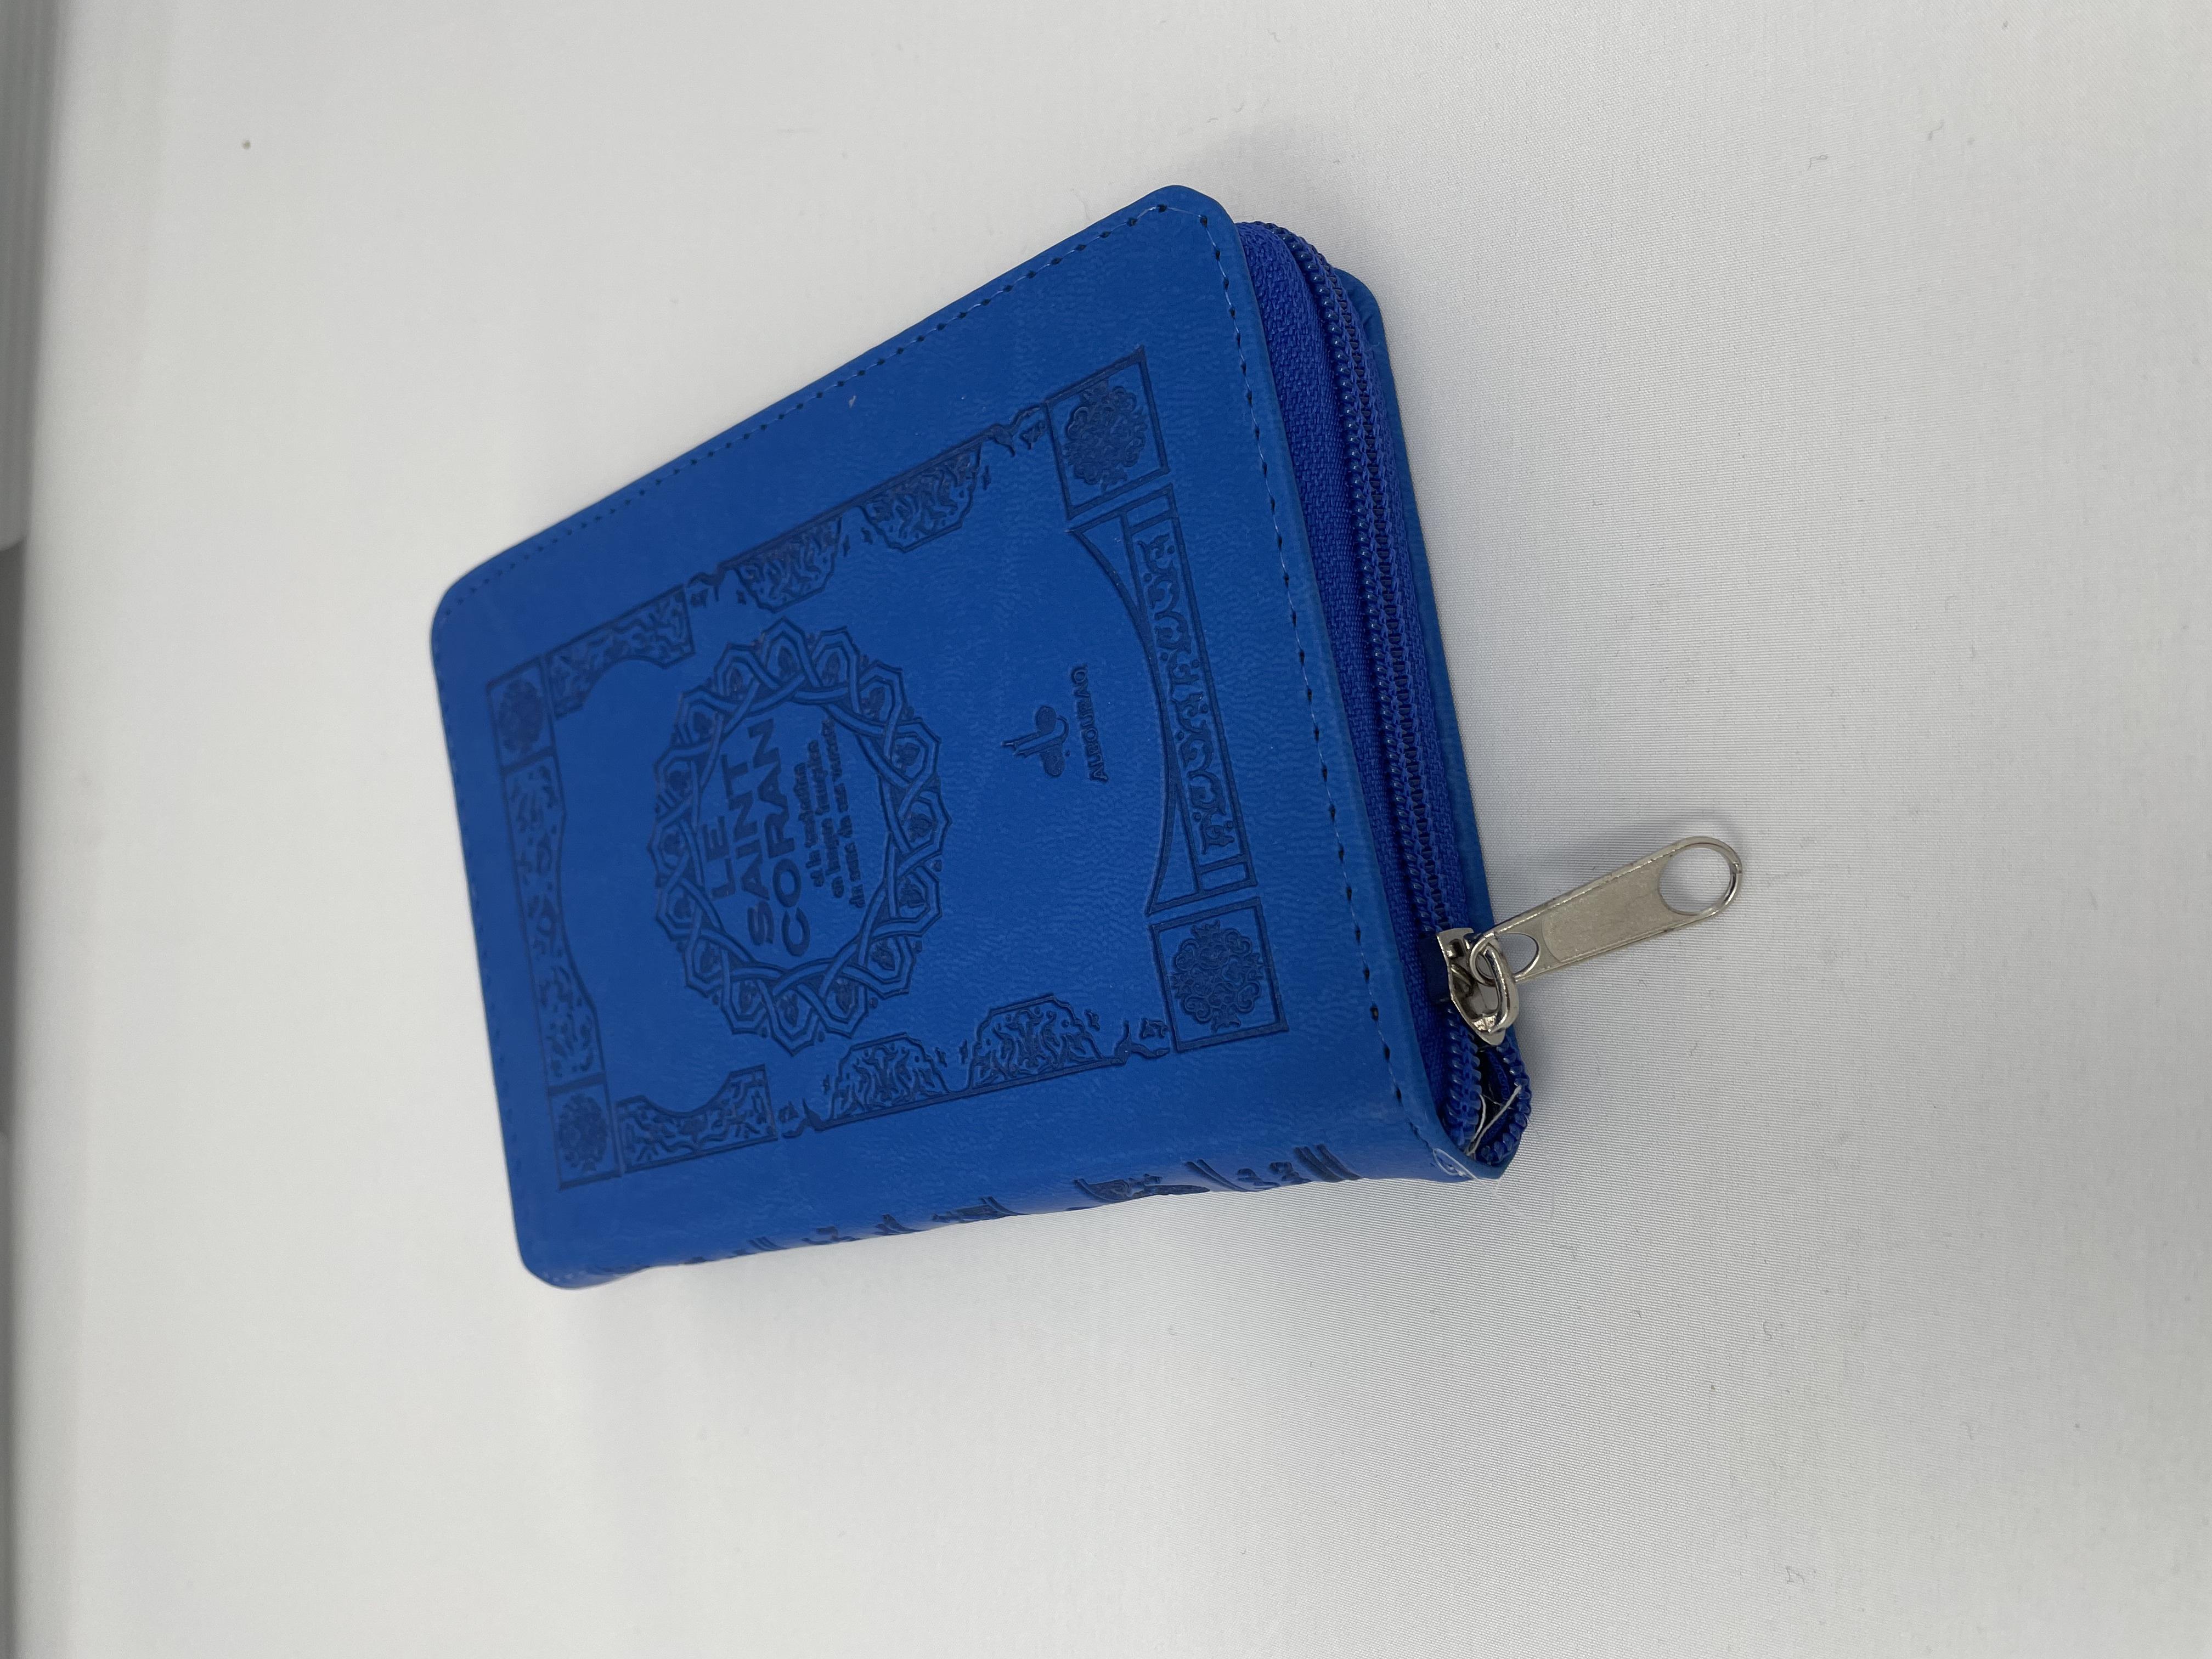 SAINT CORAN FRANCAIS POCHETTE (11 X 15 CM) - COUVERTURE BLEUE ELECTRIQUE